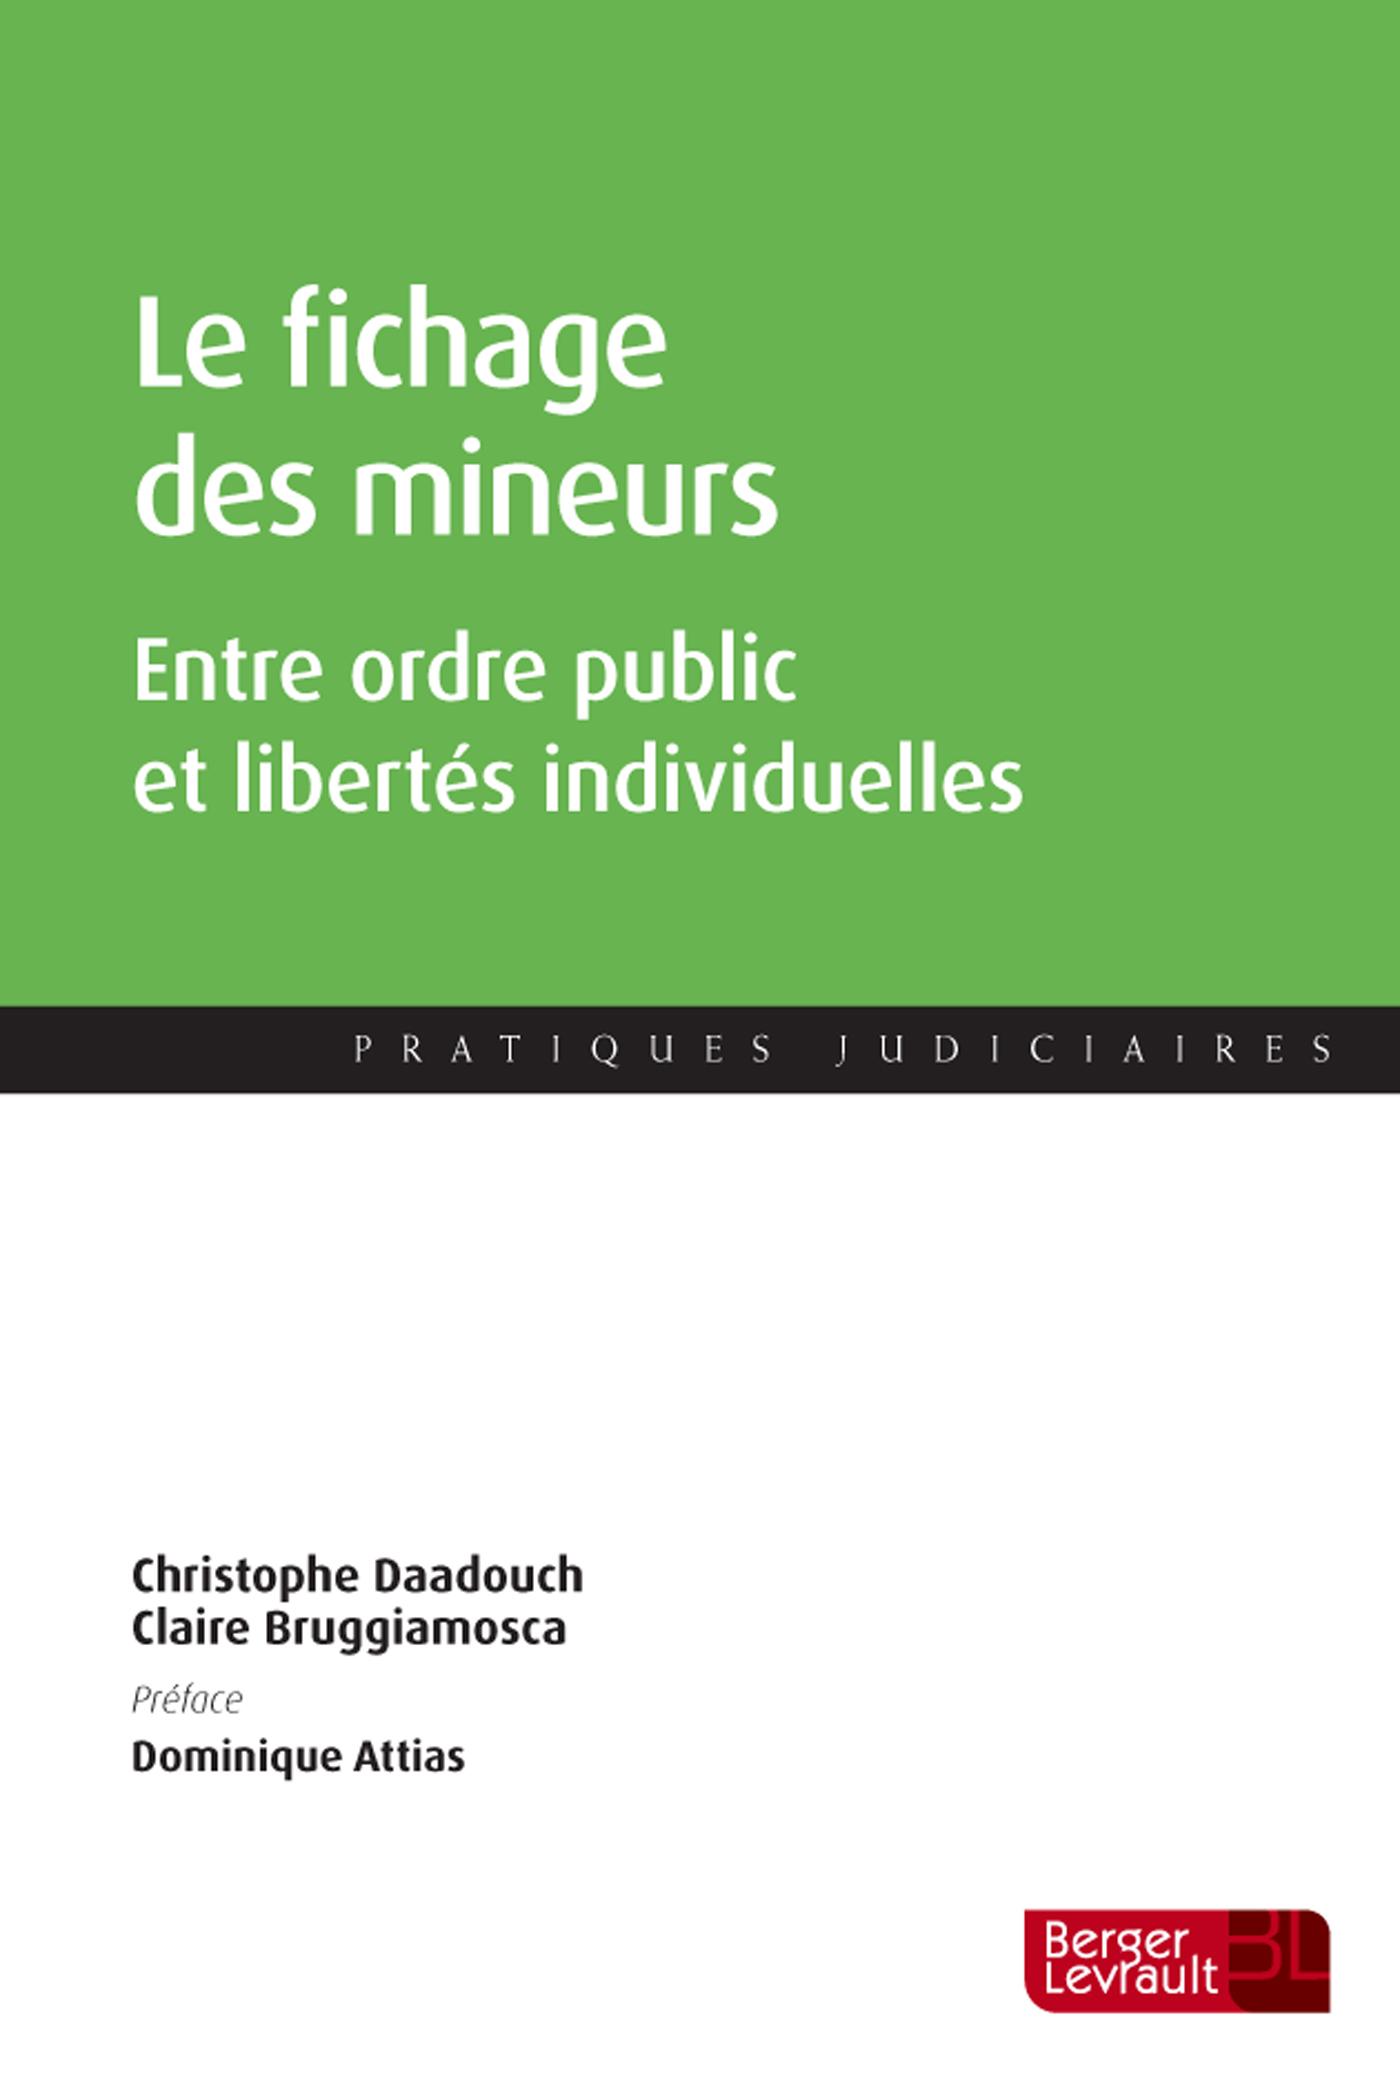 LE FICHAGE DES MINEURS - ENTRE ORDRE PUBLIC ET LIBERTES INDIVIDUELLES